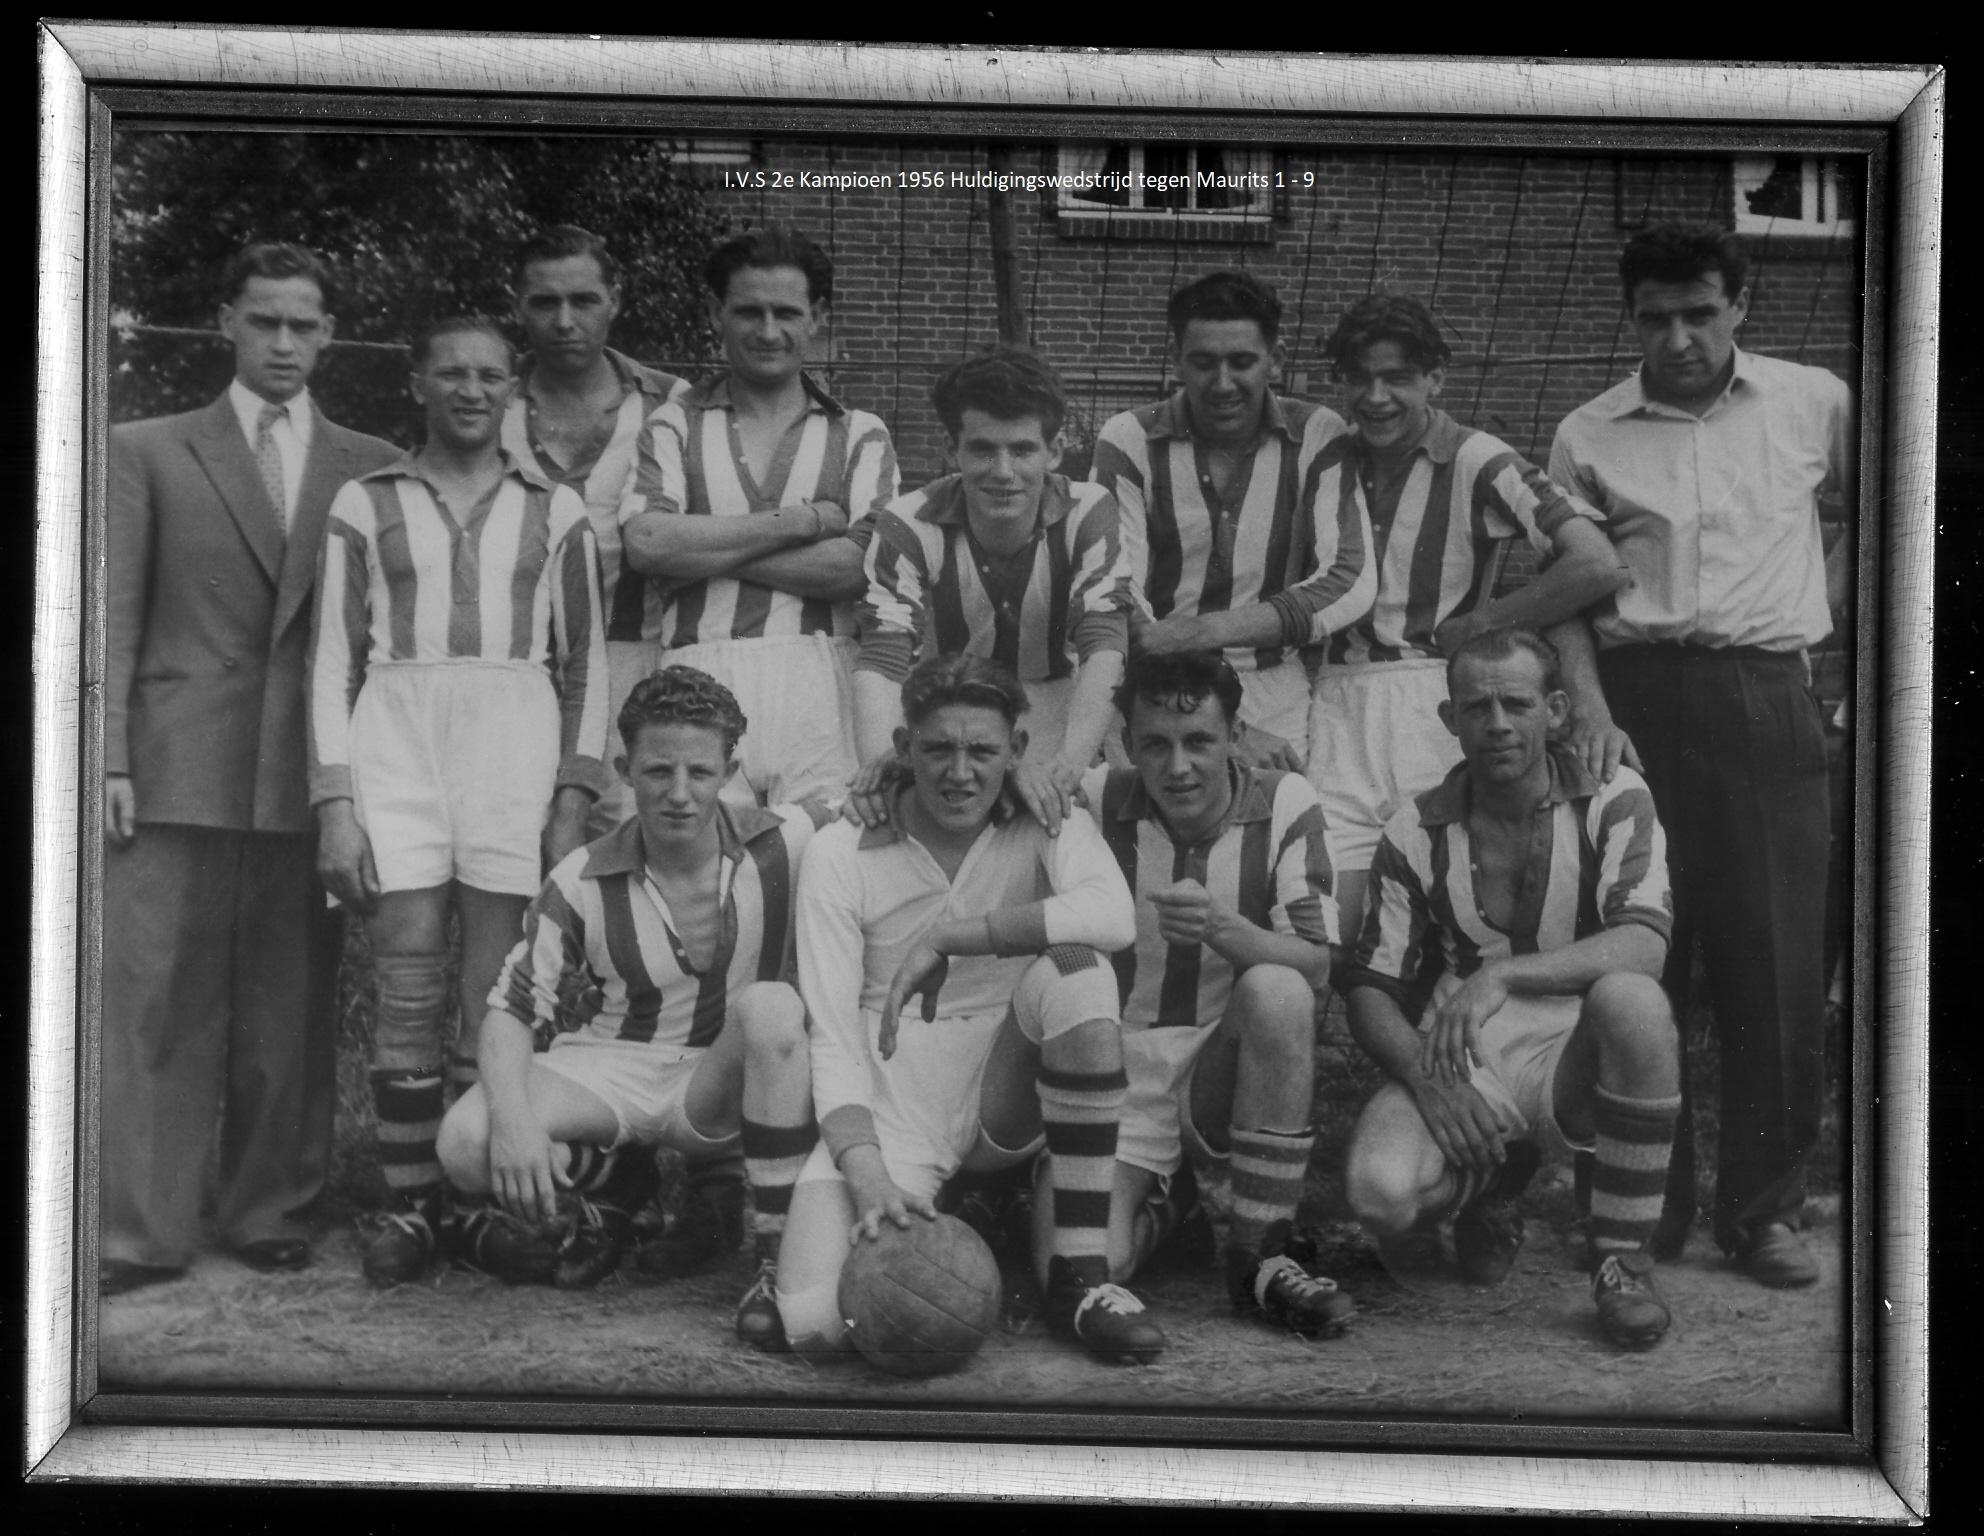 IVS 2e kampioen 1956huldigings wedstrijd iVS2 -Maurits 1-9